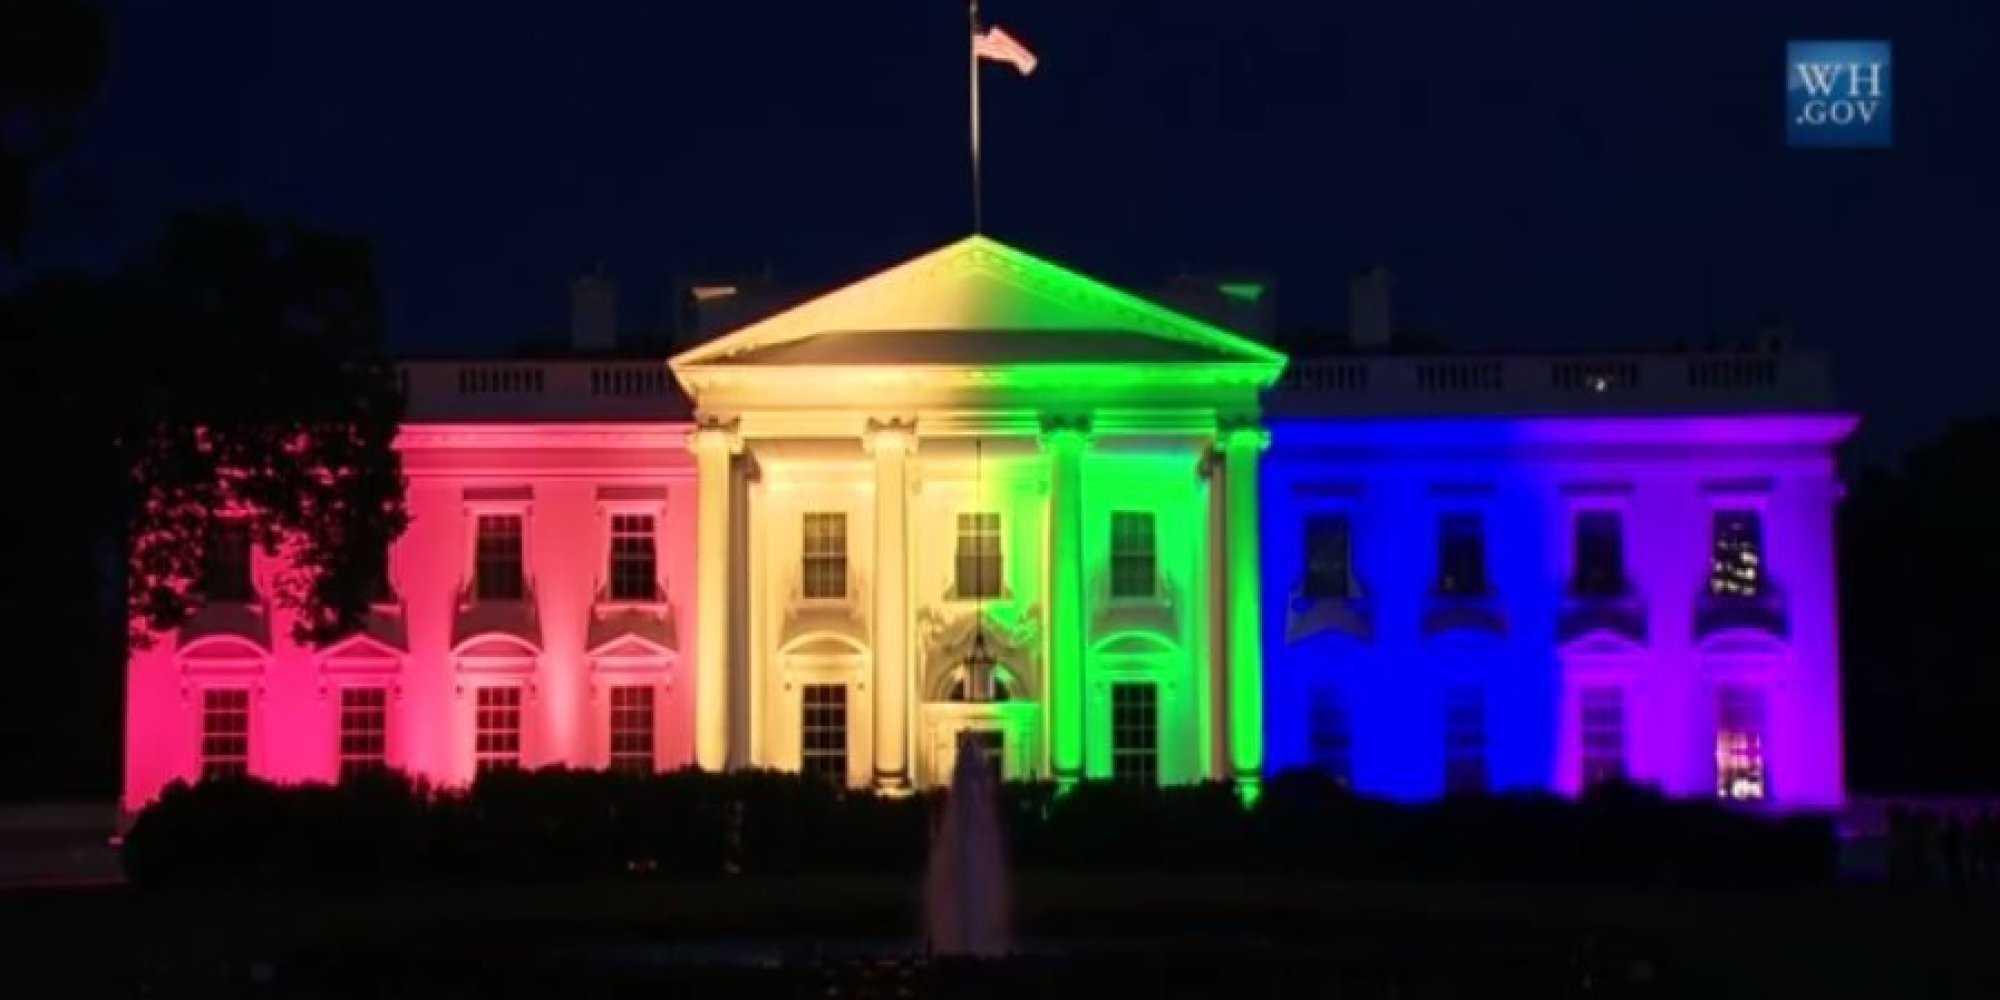 """ORTODOCSII DIN AMERICA VOR FI IN EXIL SI PERSECUTATI IN PROPRIA TARA. Rod Dreher despre implicatiile legalizarii CASATORIEI HOMOSEXUALE in SUA. """"CONSERVATORII VOR FI VANATI DE ACTIVISTII LGBT"""""""